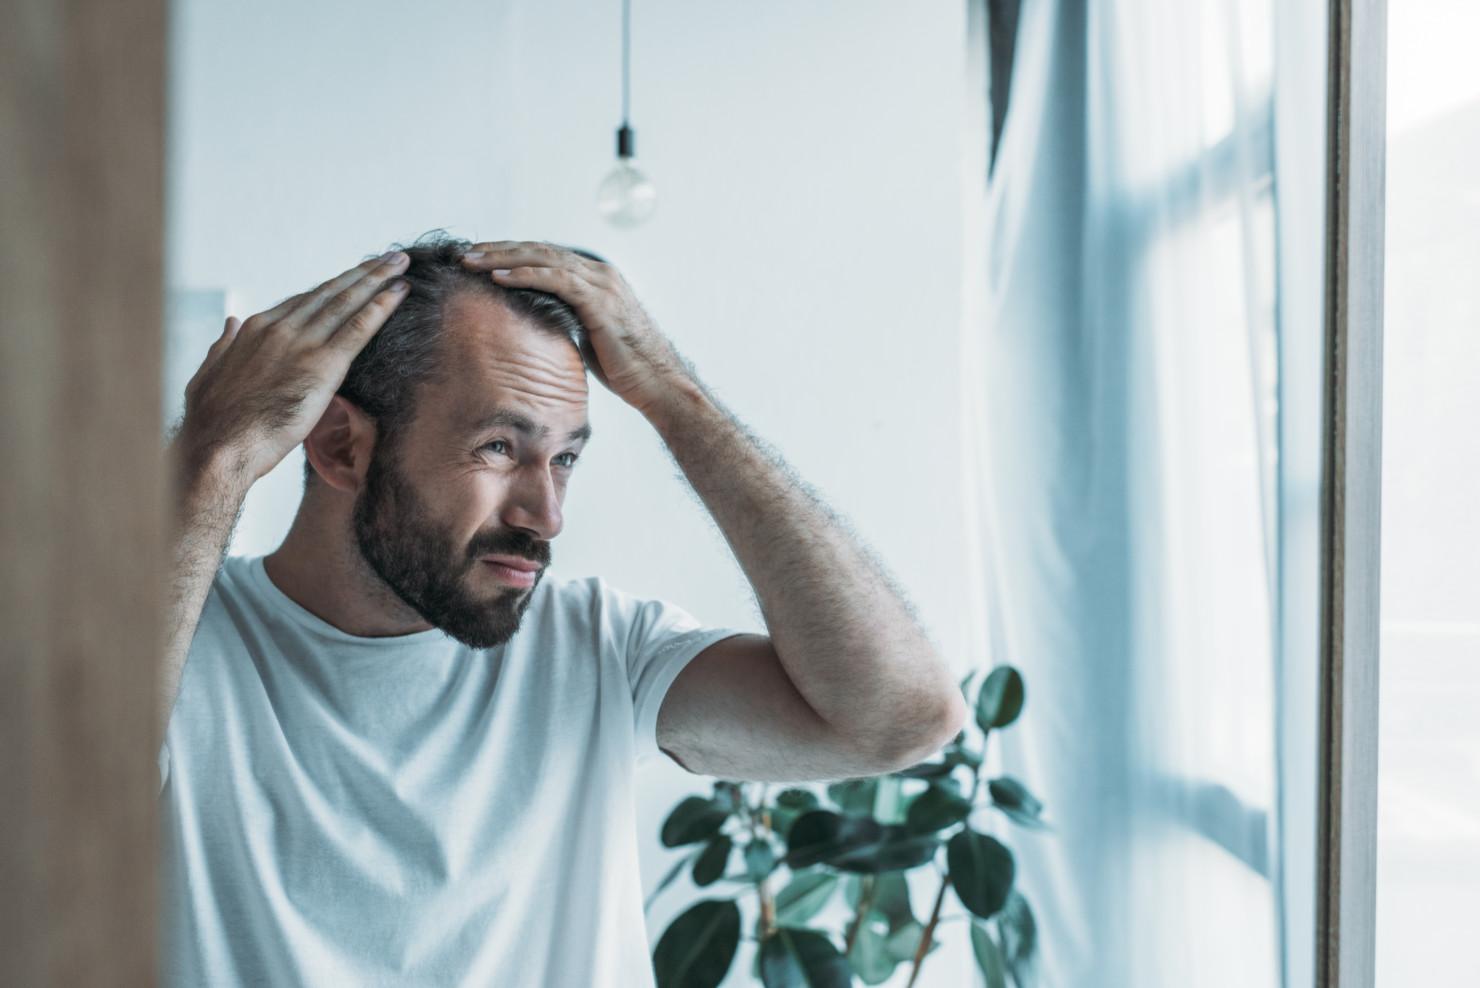 Łysienie – przyczyny ileczenie łysienia ukobiet imężczyzn